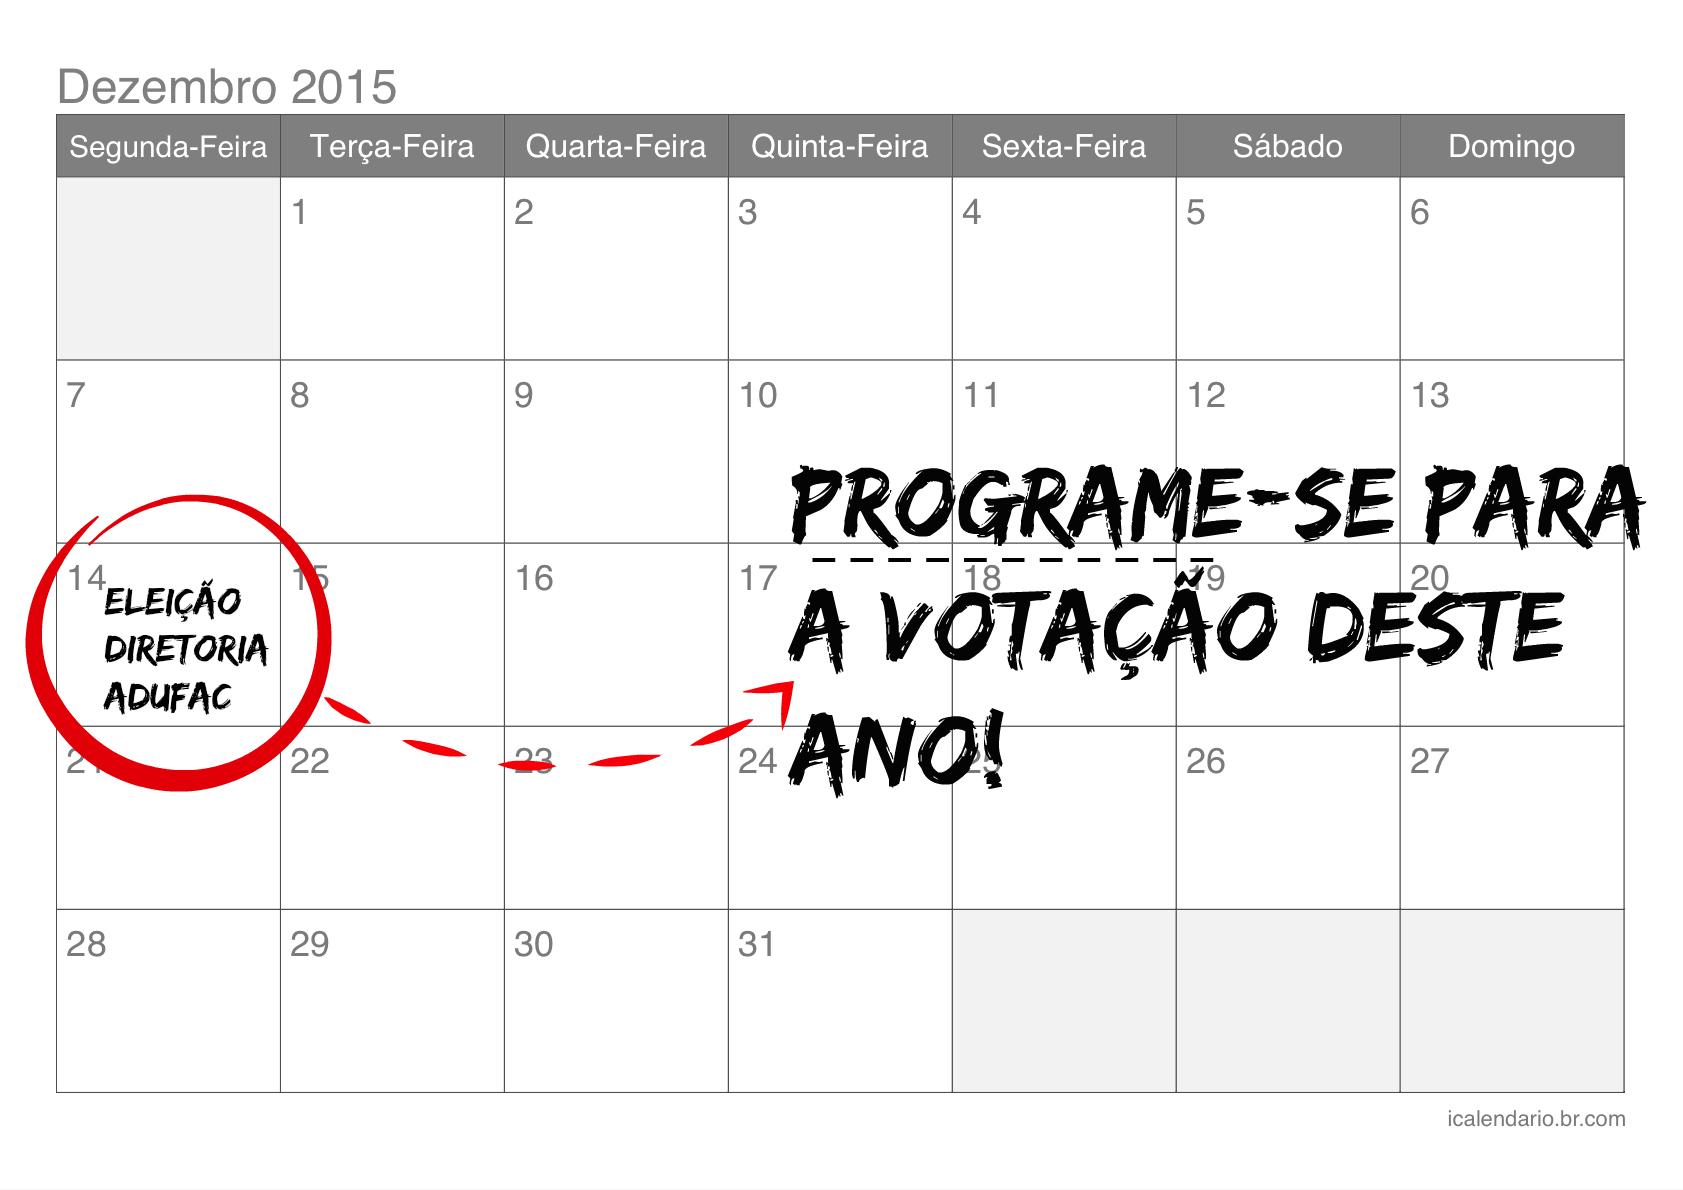 calendario-dezembro-2015